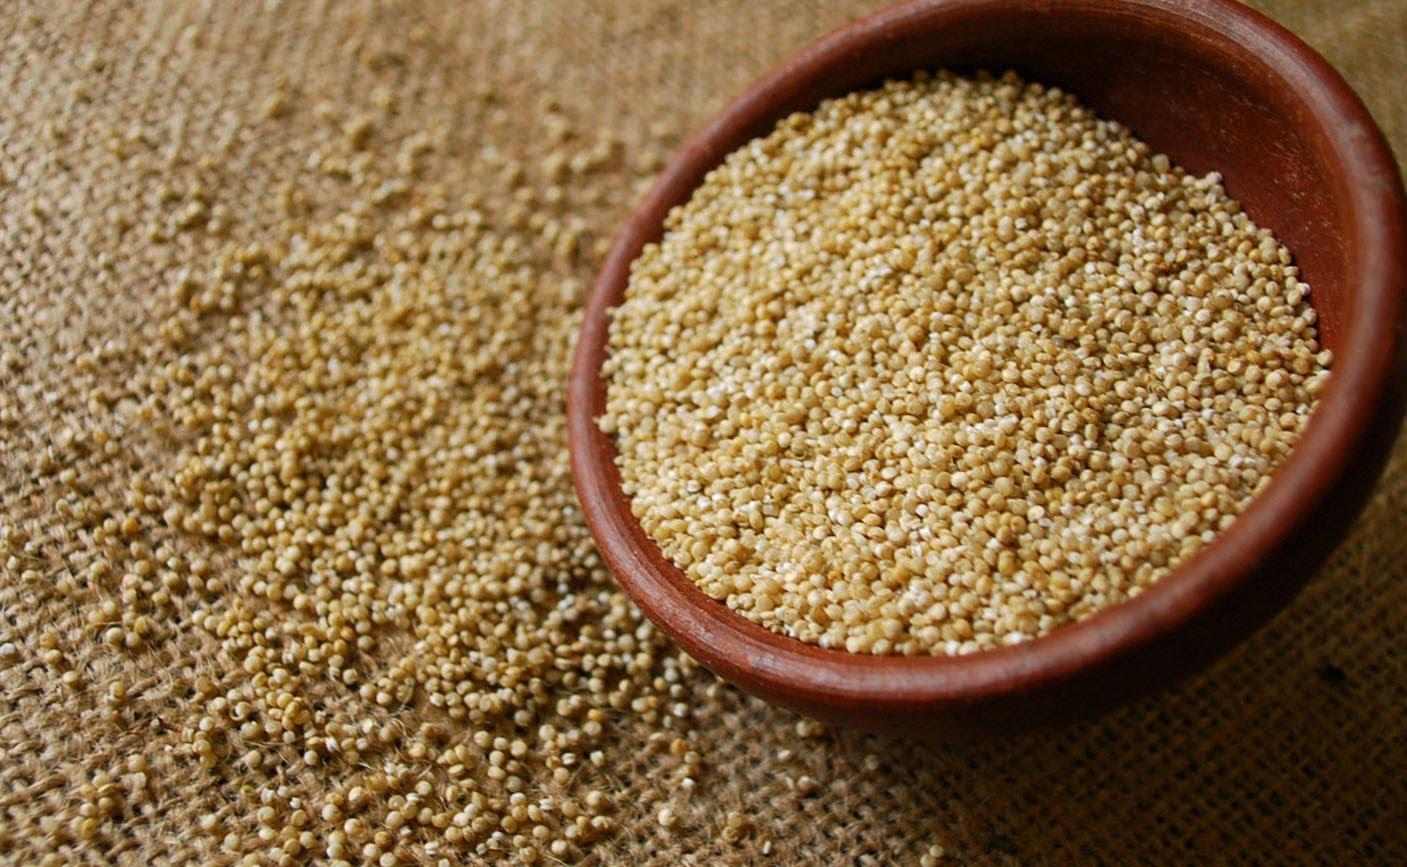 la-quinoa-el-superalimento-que-se-asienta-en-otros-sectores-de-la-industria-alimentaria